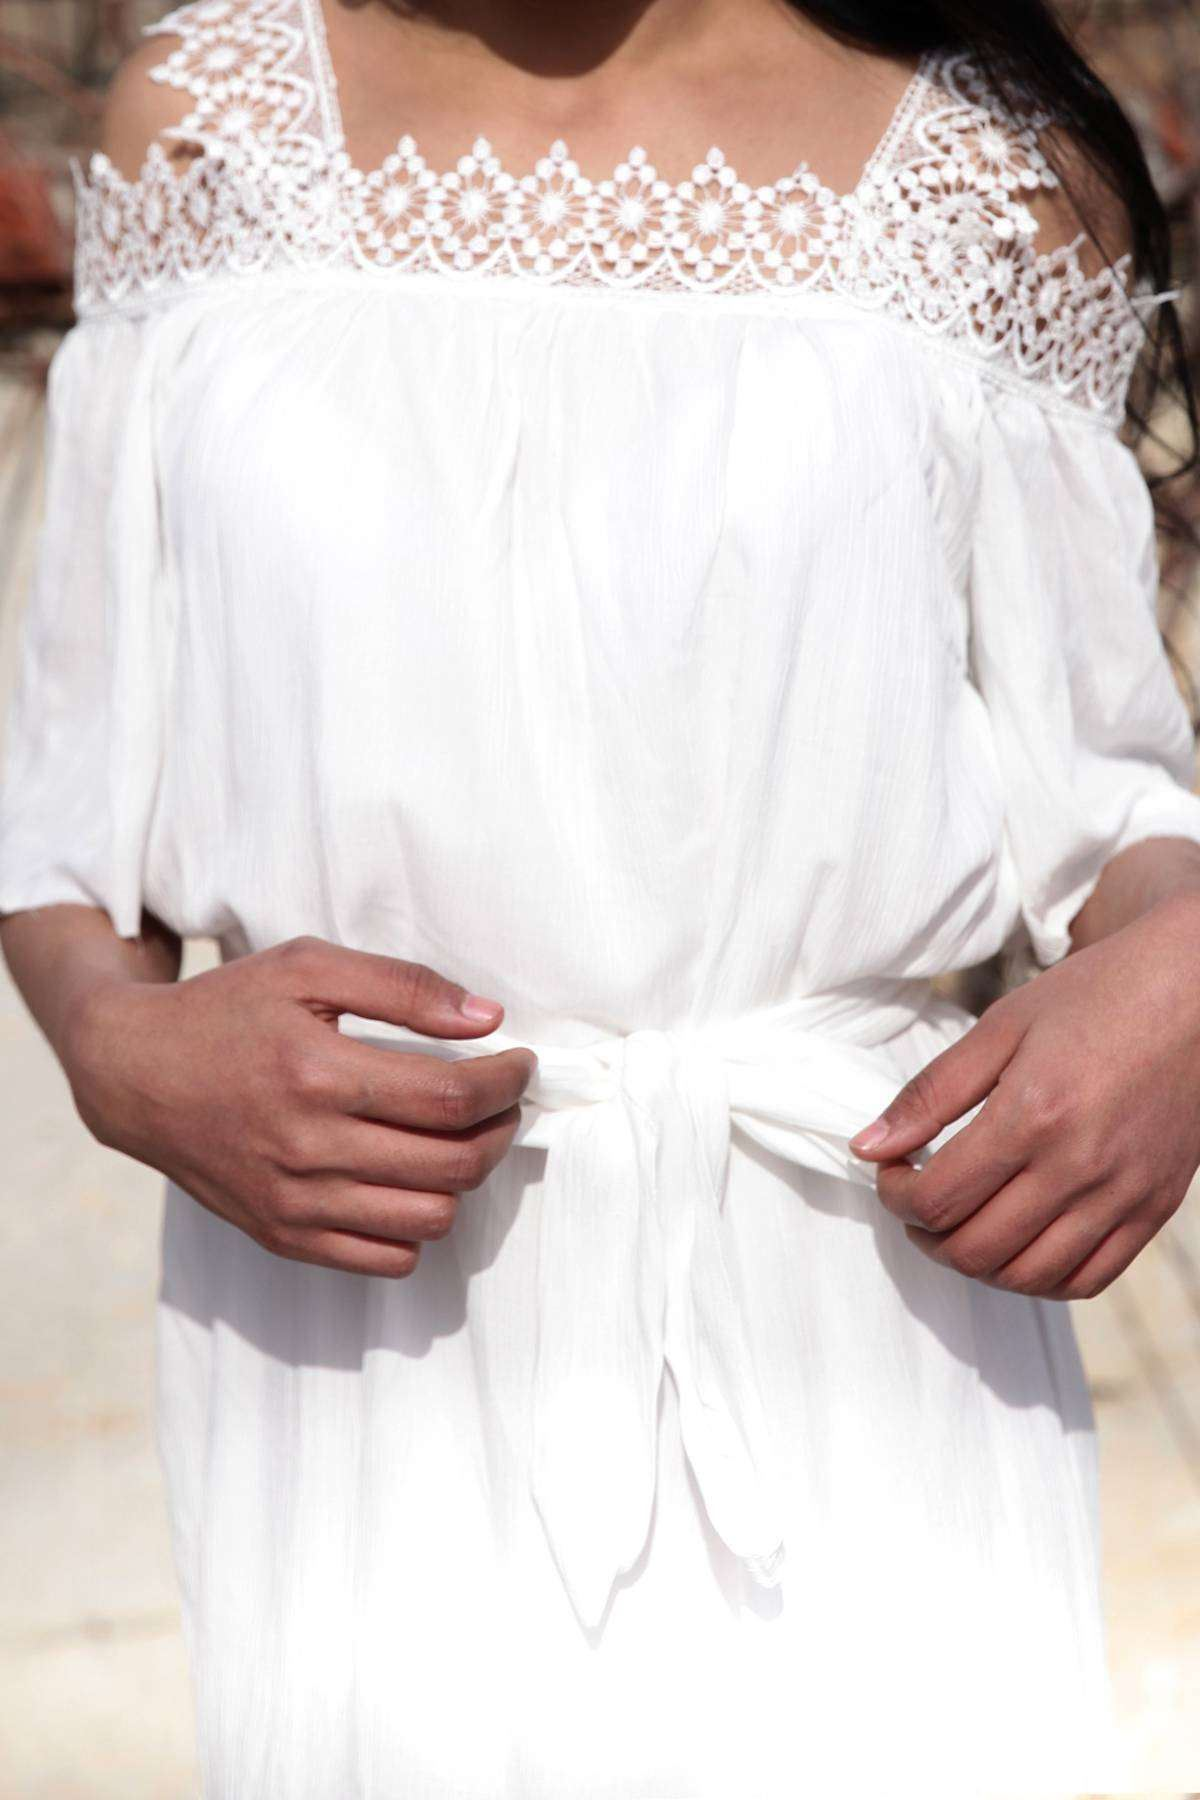 Omuz Yaka Dantel İşleme Detaylı Askılı Kısa Kol Elbise Beyaz